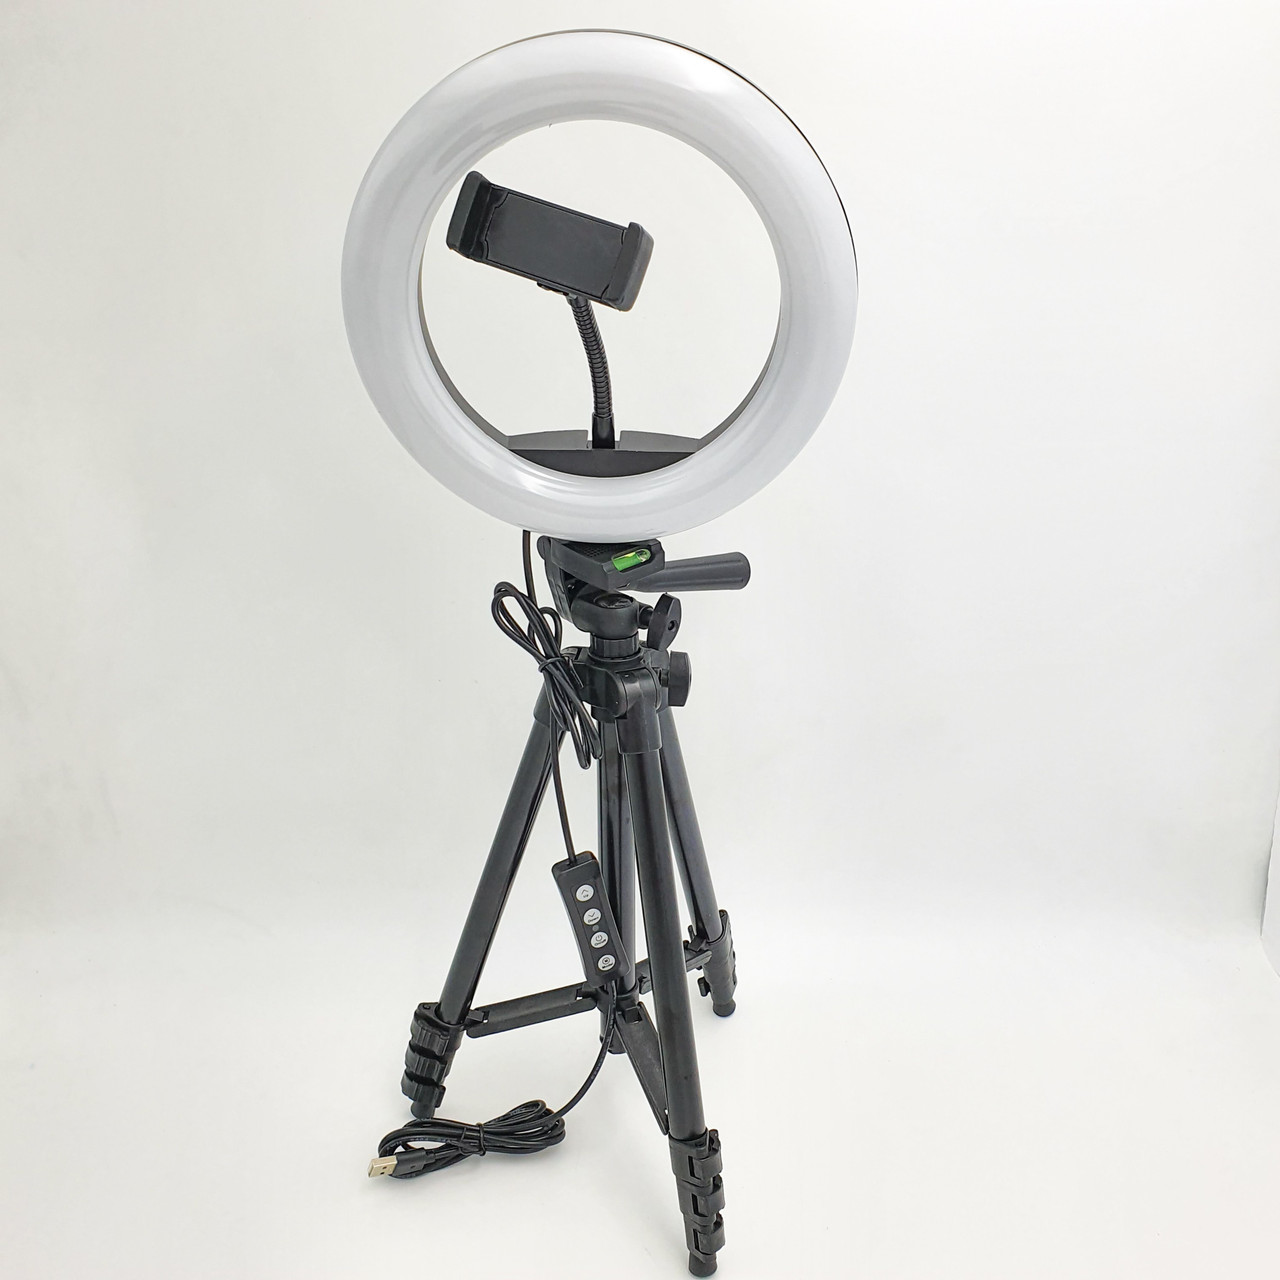 Набір блогера 2 в 1 кільцева LED лампа 20 см 10W з тримачем для телефону і штатив 102 см селфи кільце 3 режими світіння